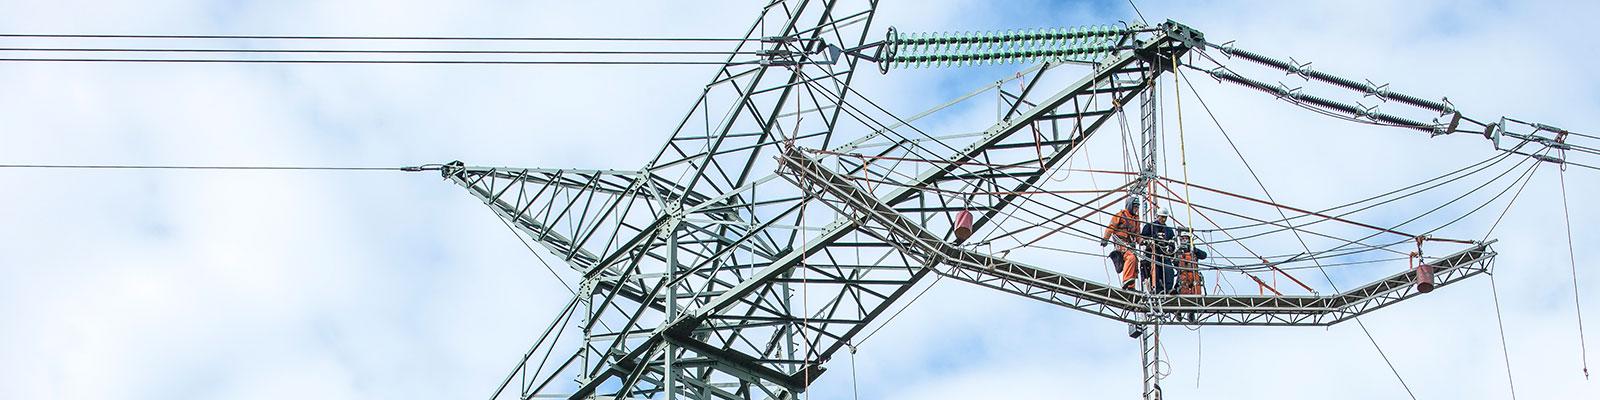 Arbeiter auf Strommast symbolisiert Netze und Netzausbau; Quelle: mauritius images / imageBROKER / Rolf Schulten